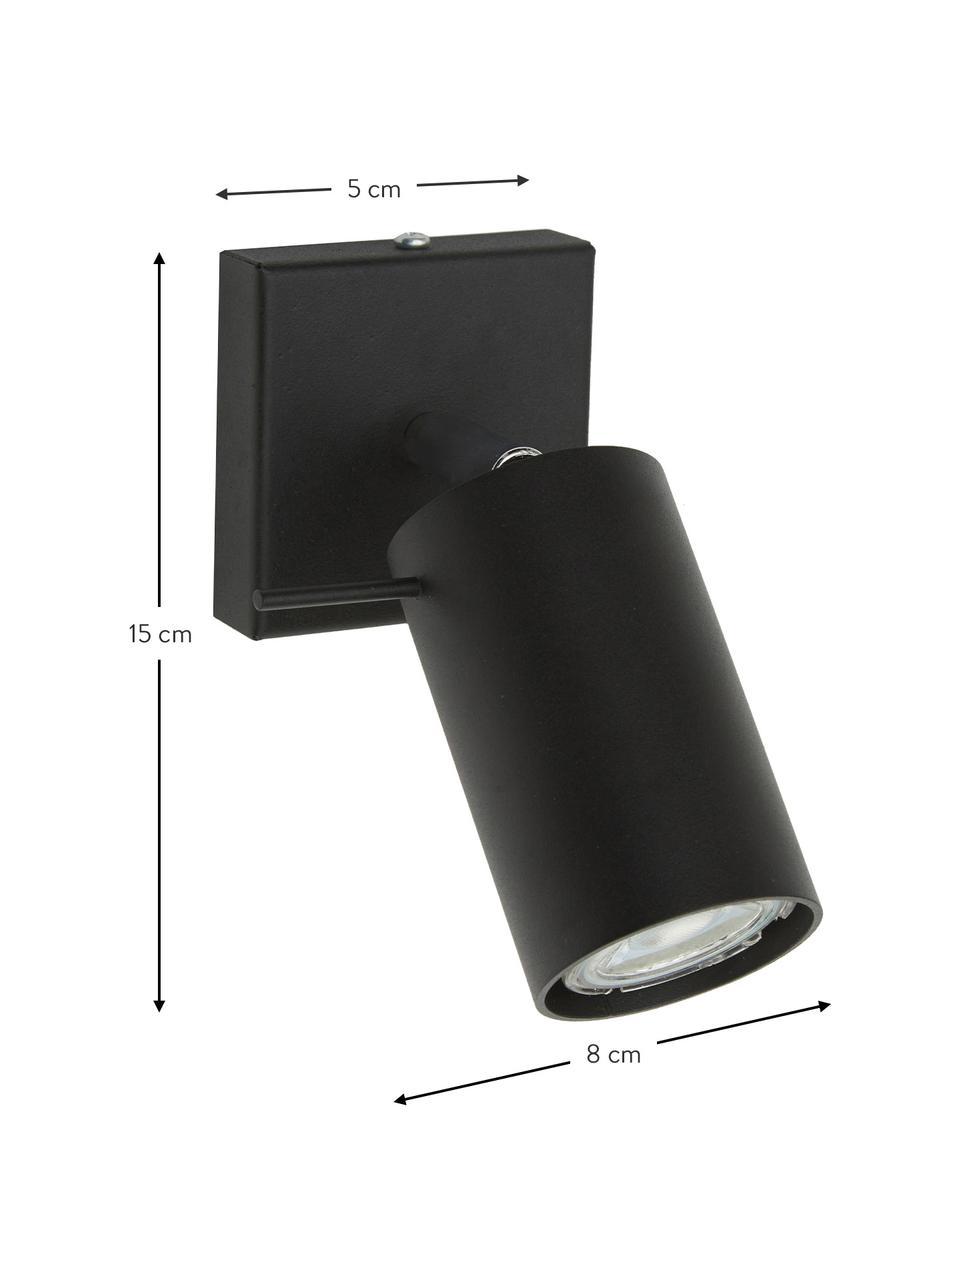 Faretto nero da parete e soffitto Etna, Paralume: acciaio verniciato, Struttura: metallo, Nero, Larg. 8 x Alt. 15 cm